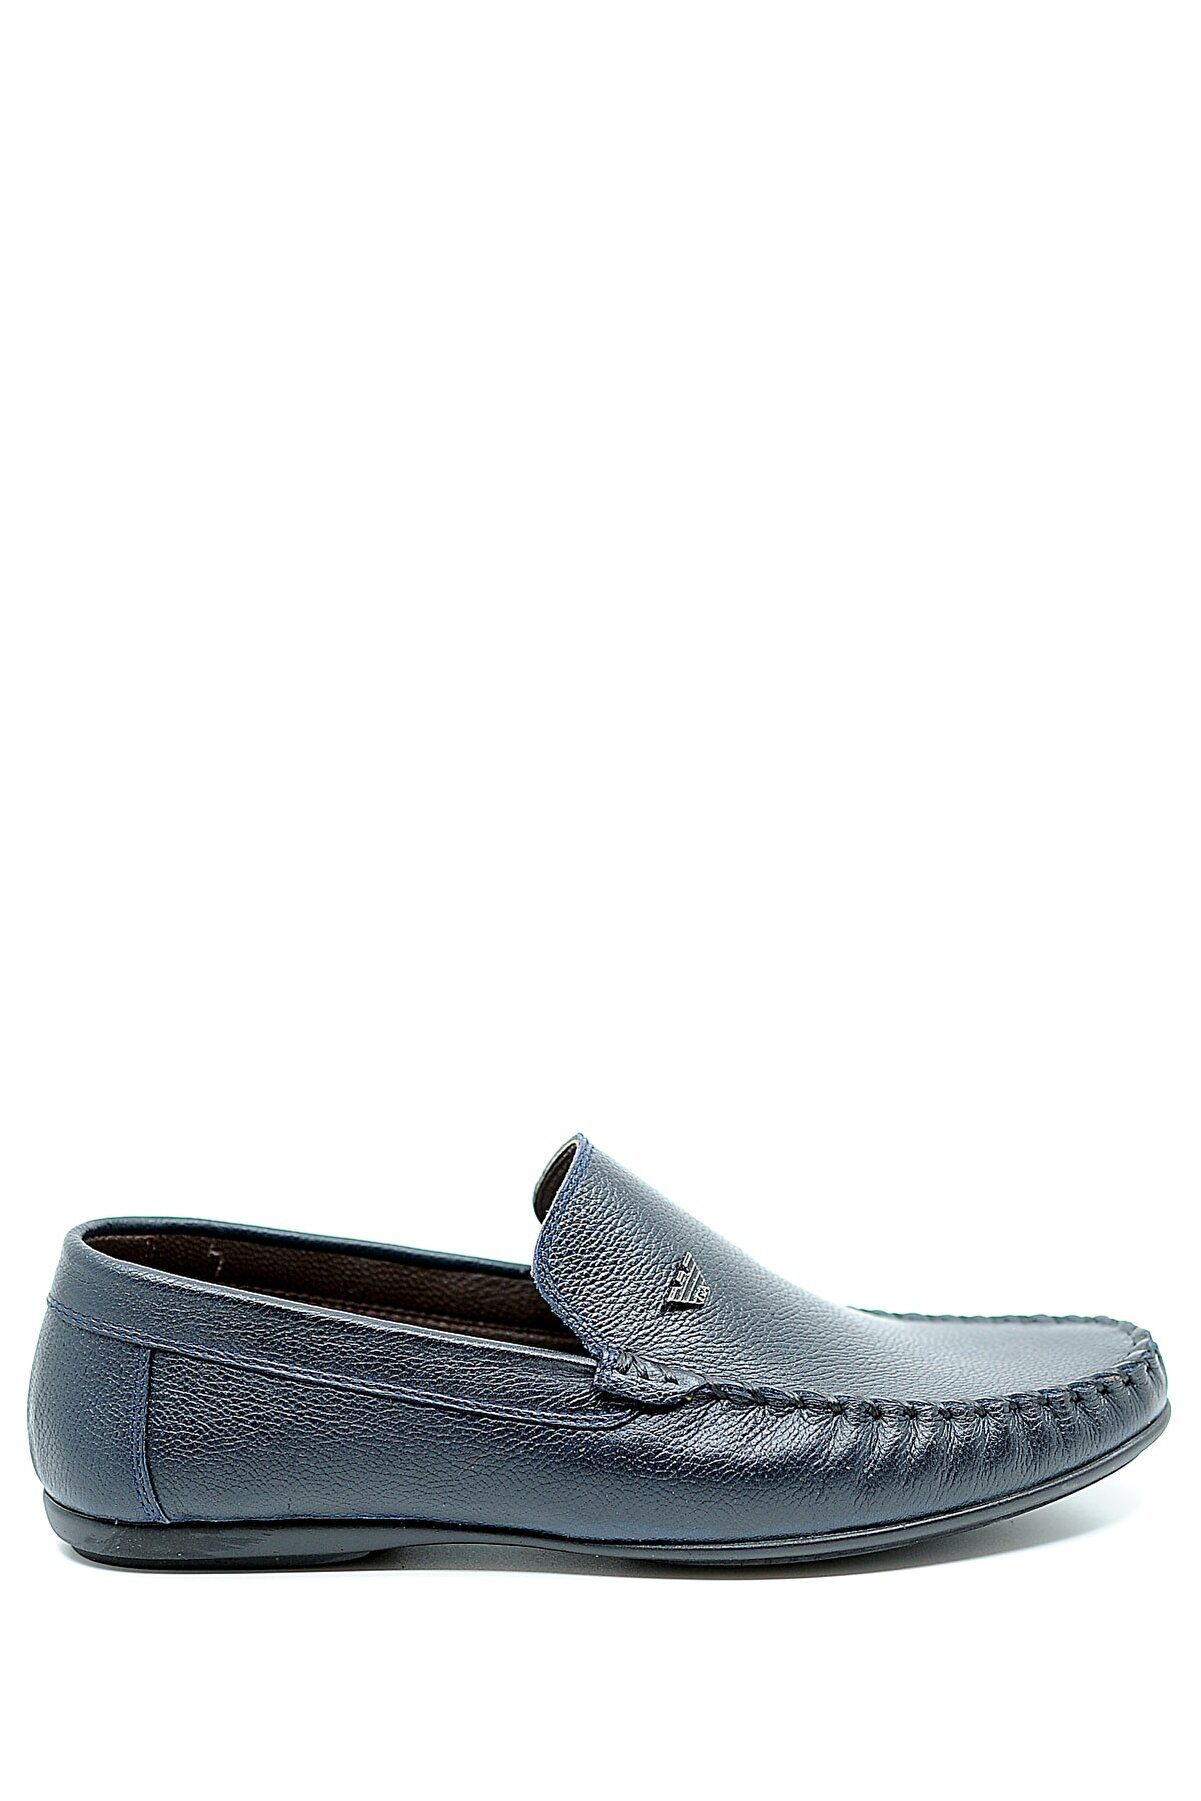 Tekin Ayakkabı Erkek Tekin Casual  Ayakkabı